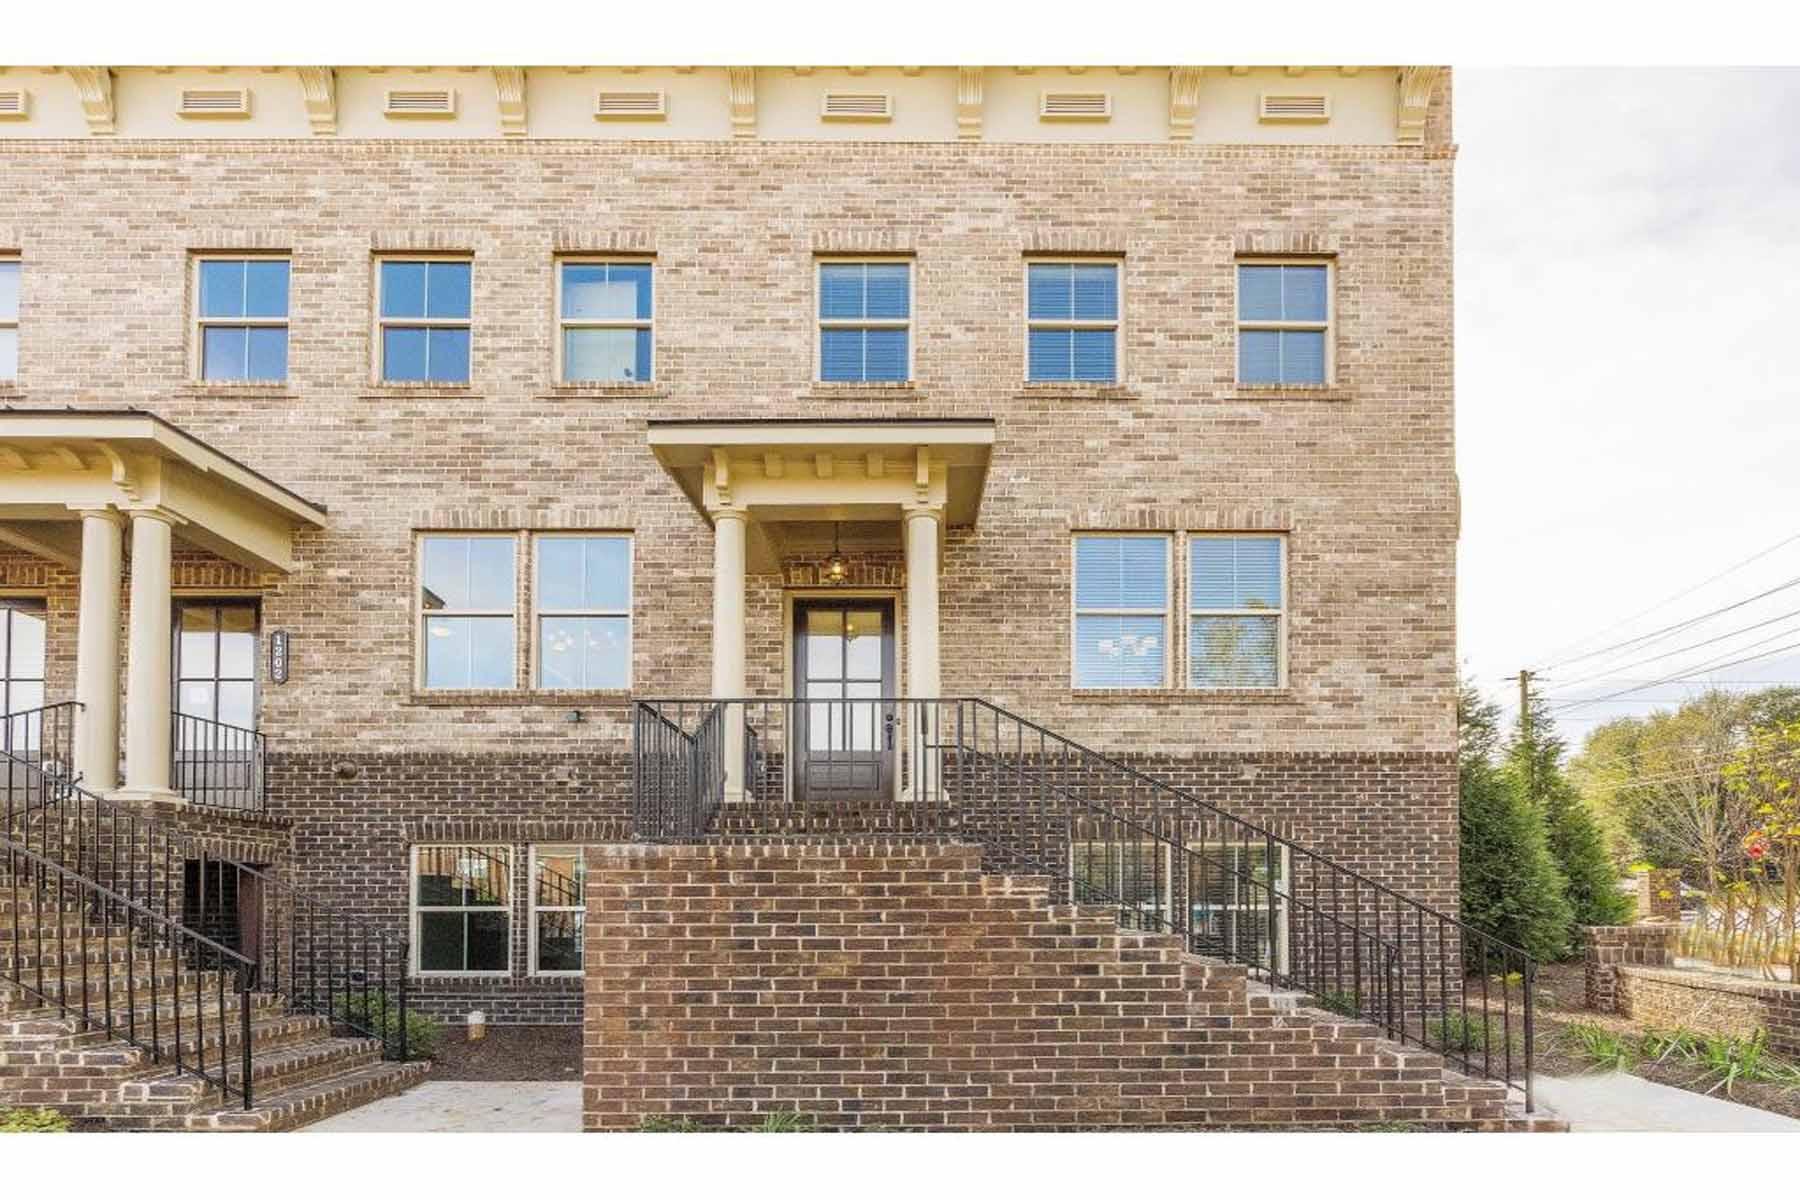 Частный односемейный дом для того Продажа на Brand New Luxury Townhomes near Emory 891 Briarliff Road NE Unit 312 Atlanta, Джорджия, 30306 Соединенные Штаты